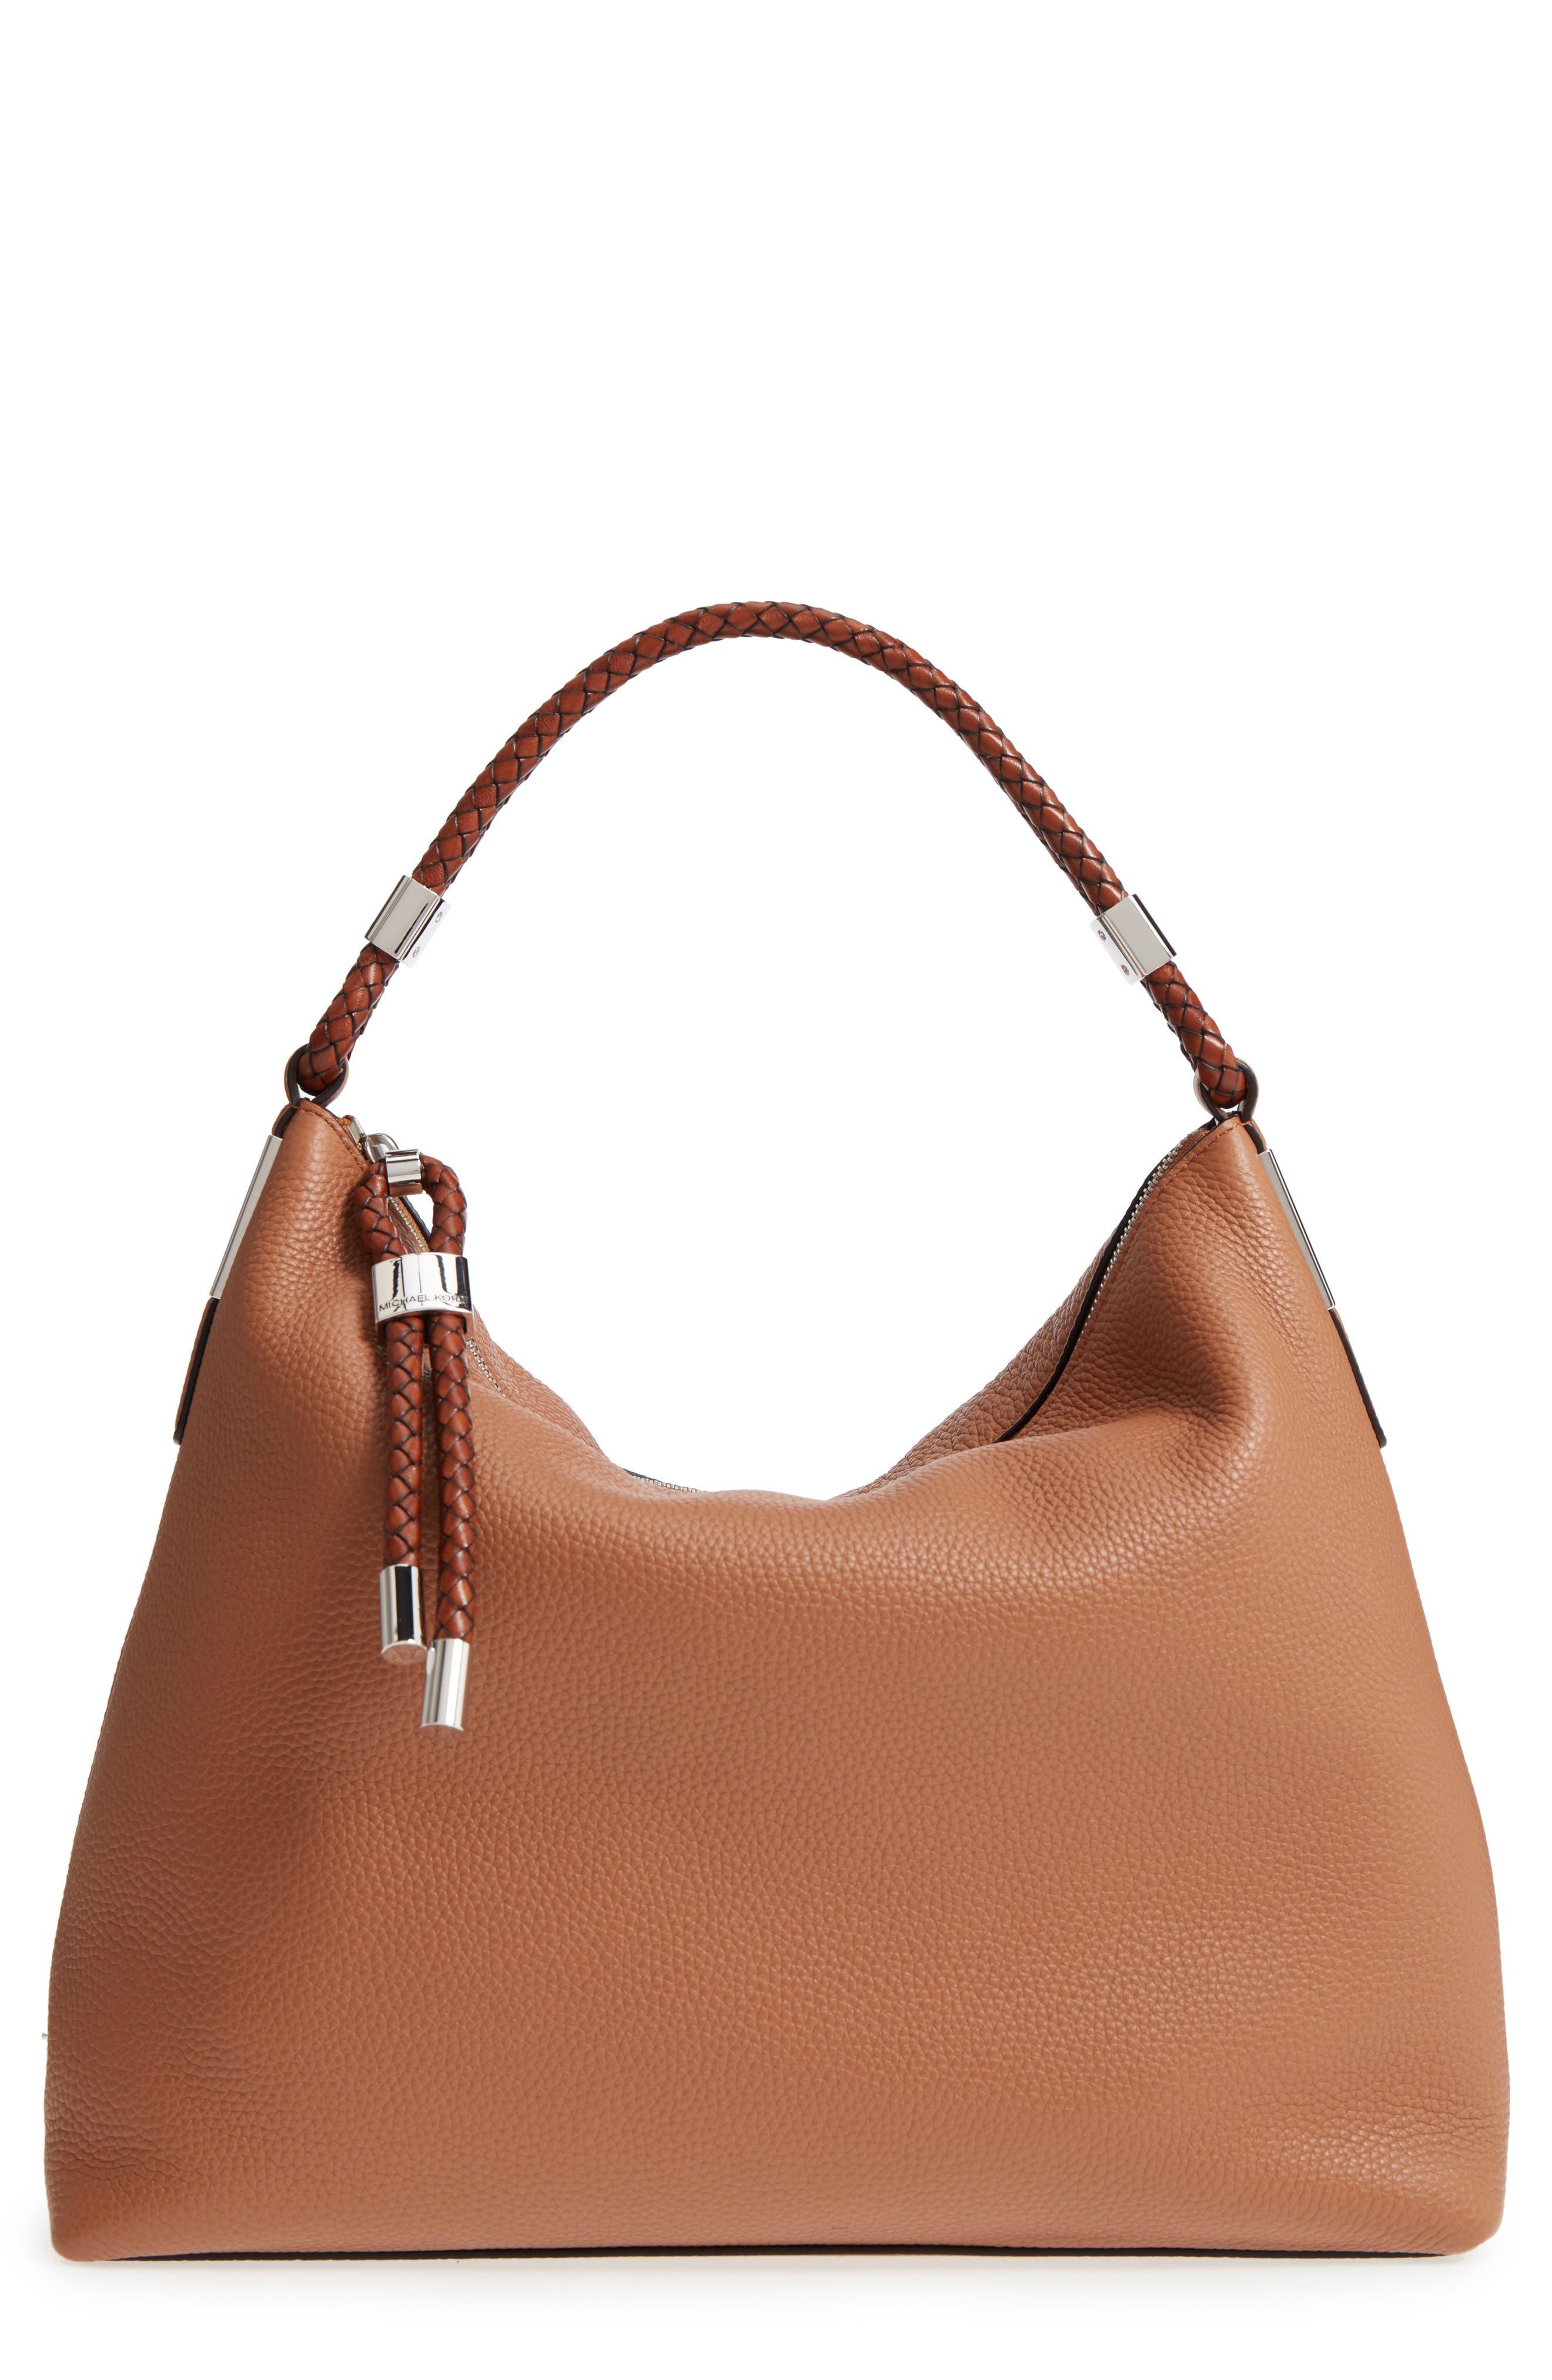 Michael Kors 'Skorpios' Slouchy Shoulder Bag